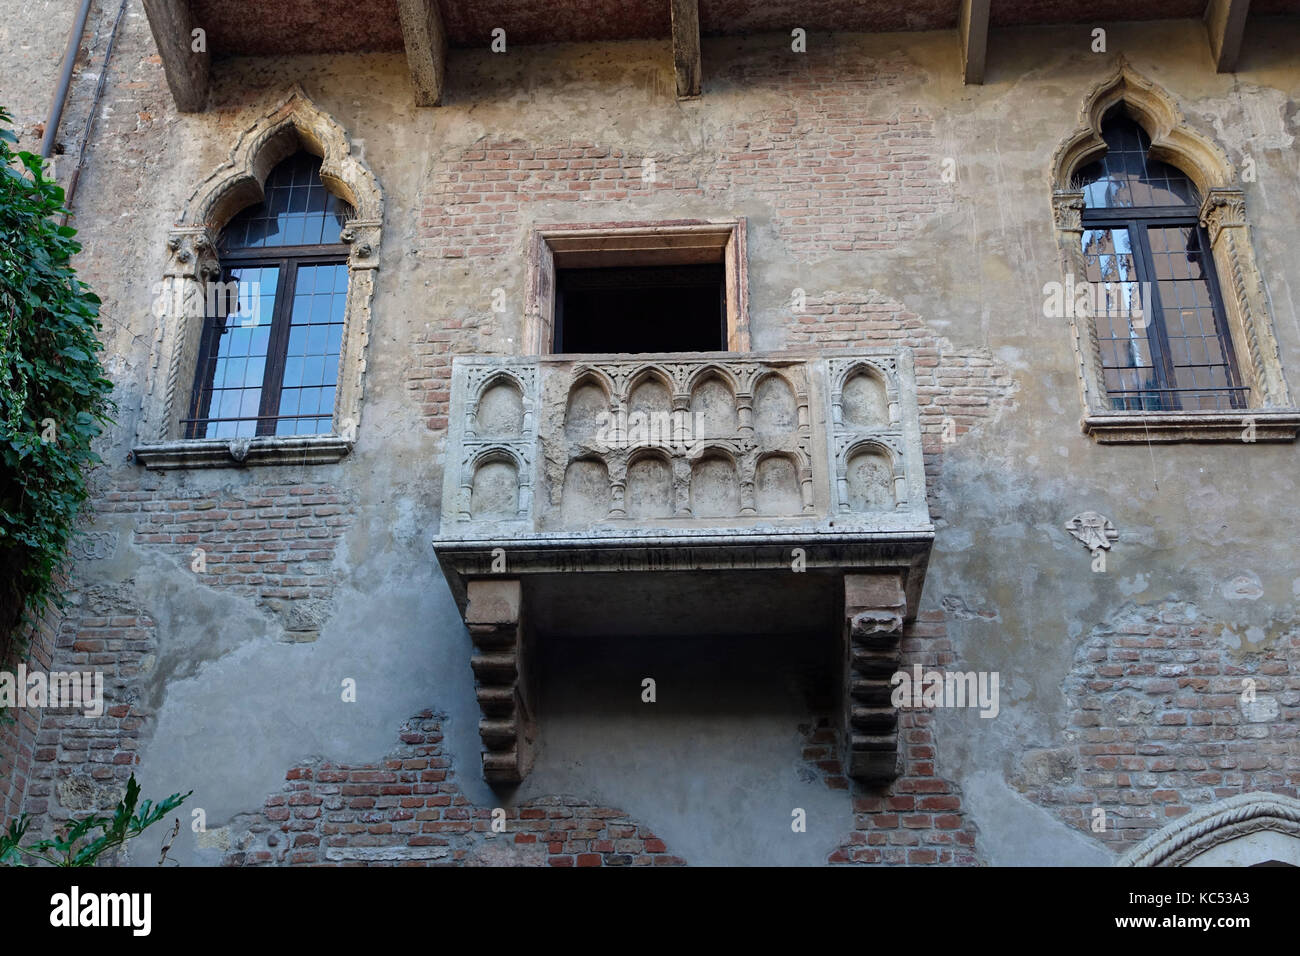 Balkon am Haus der Julia, Casa di Giulietta, Verona, Venetien, Veneto, Italien, Europa  Balcony at Juliet's House, Casa di Giulietta, Verona, Veneto,  Stock Photo